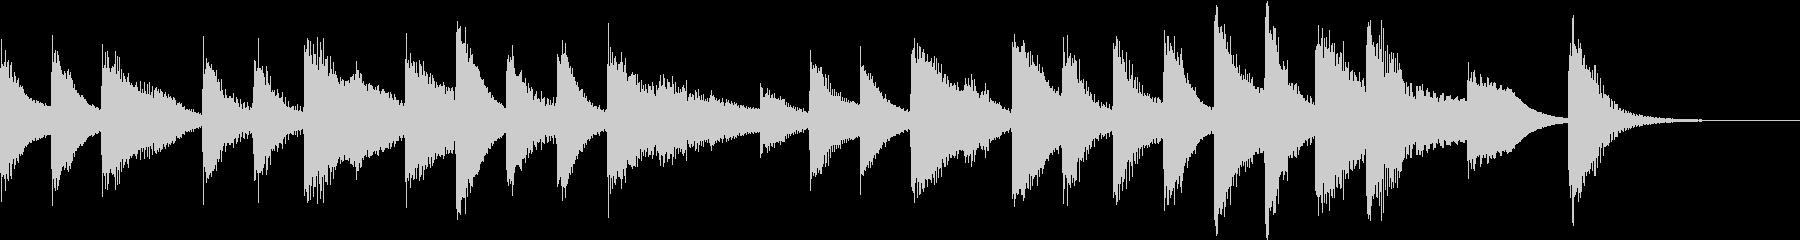 ジングルベルモチーフのピアノジングルHの未再生の波形